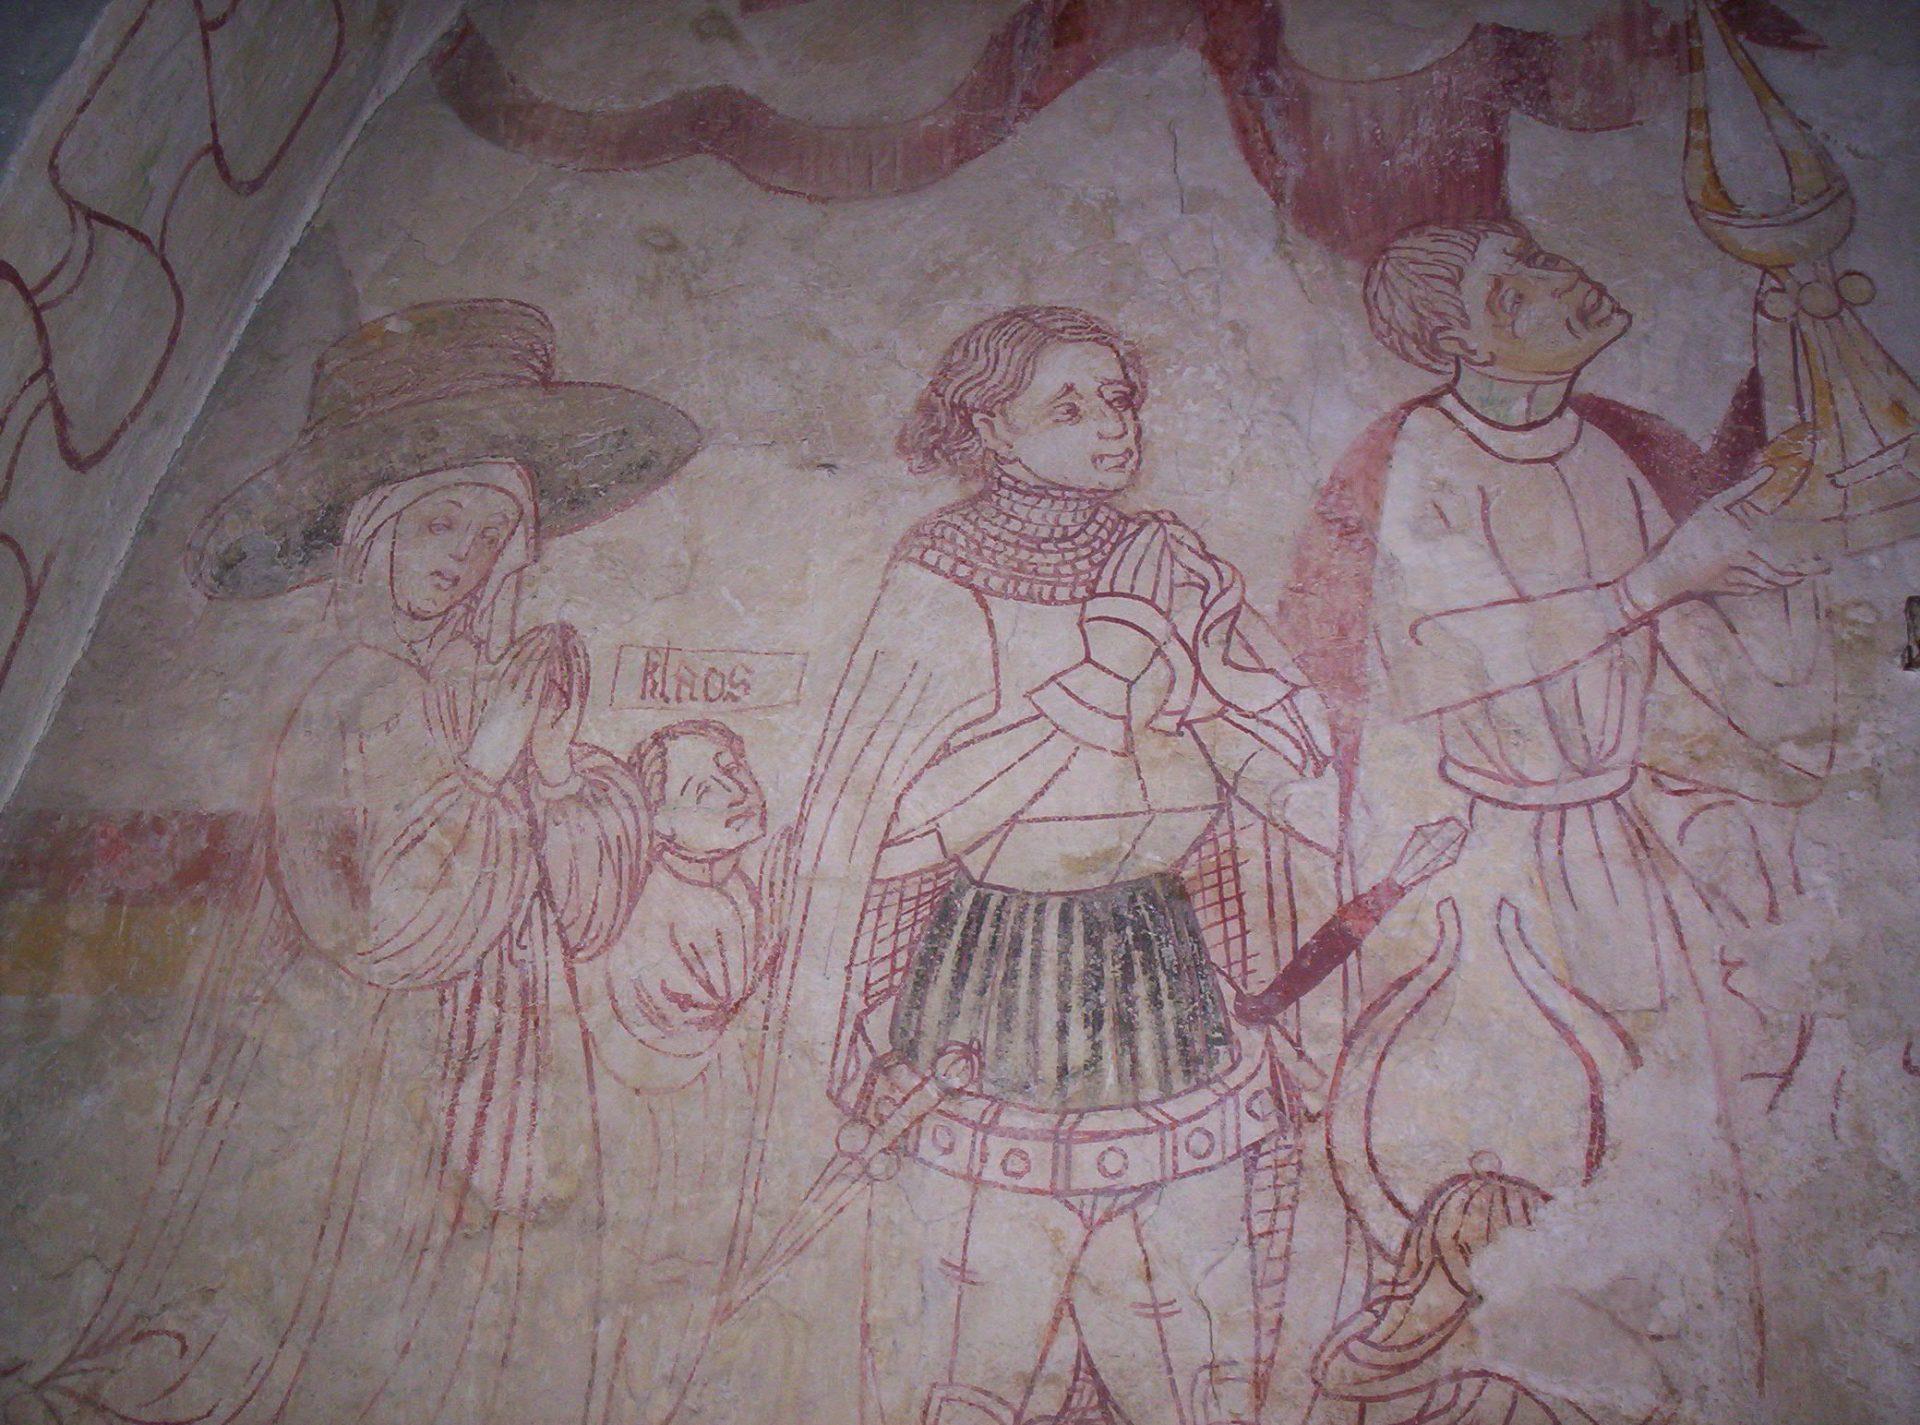 Kalkmålning föreställande en riddare med familj